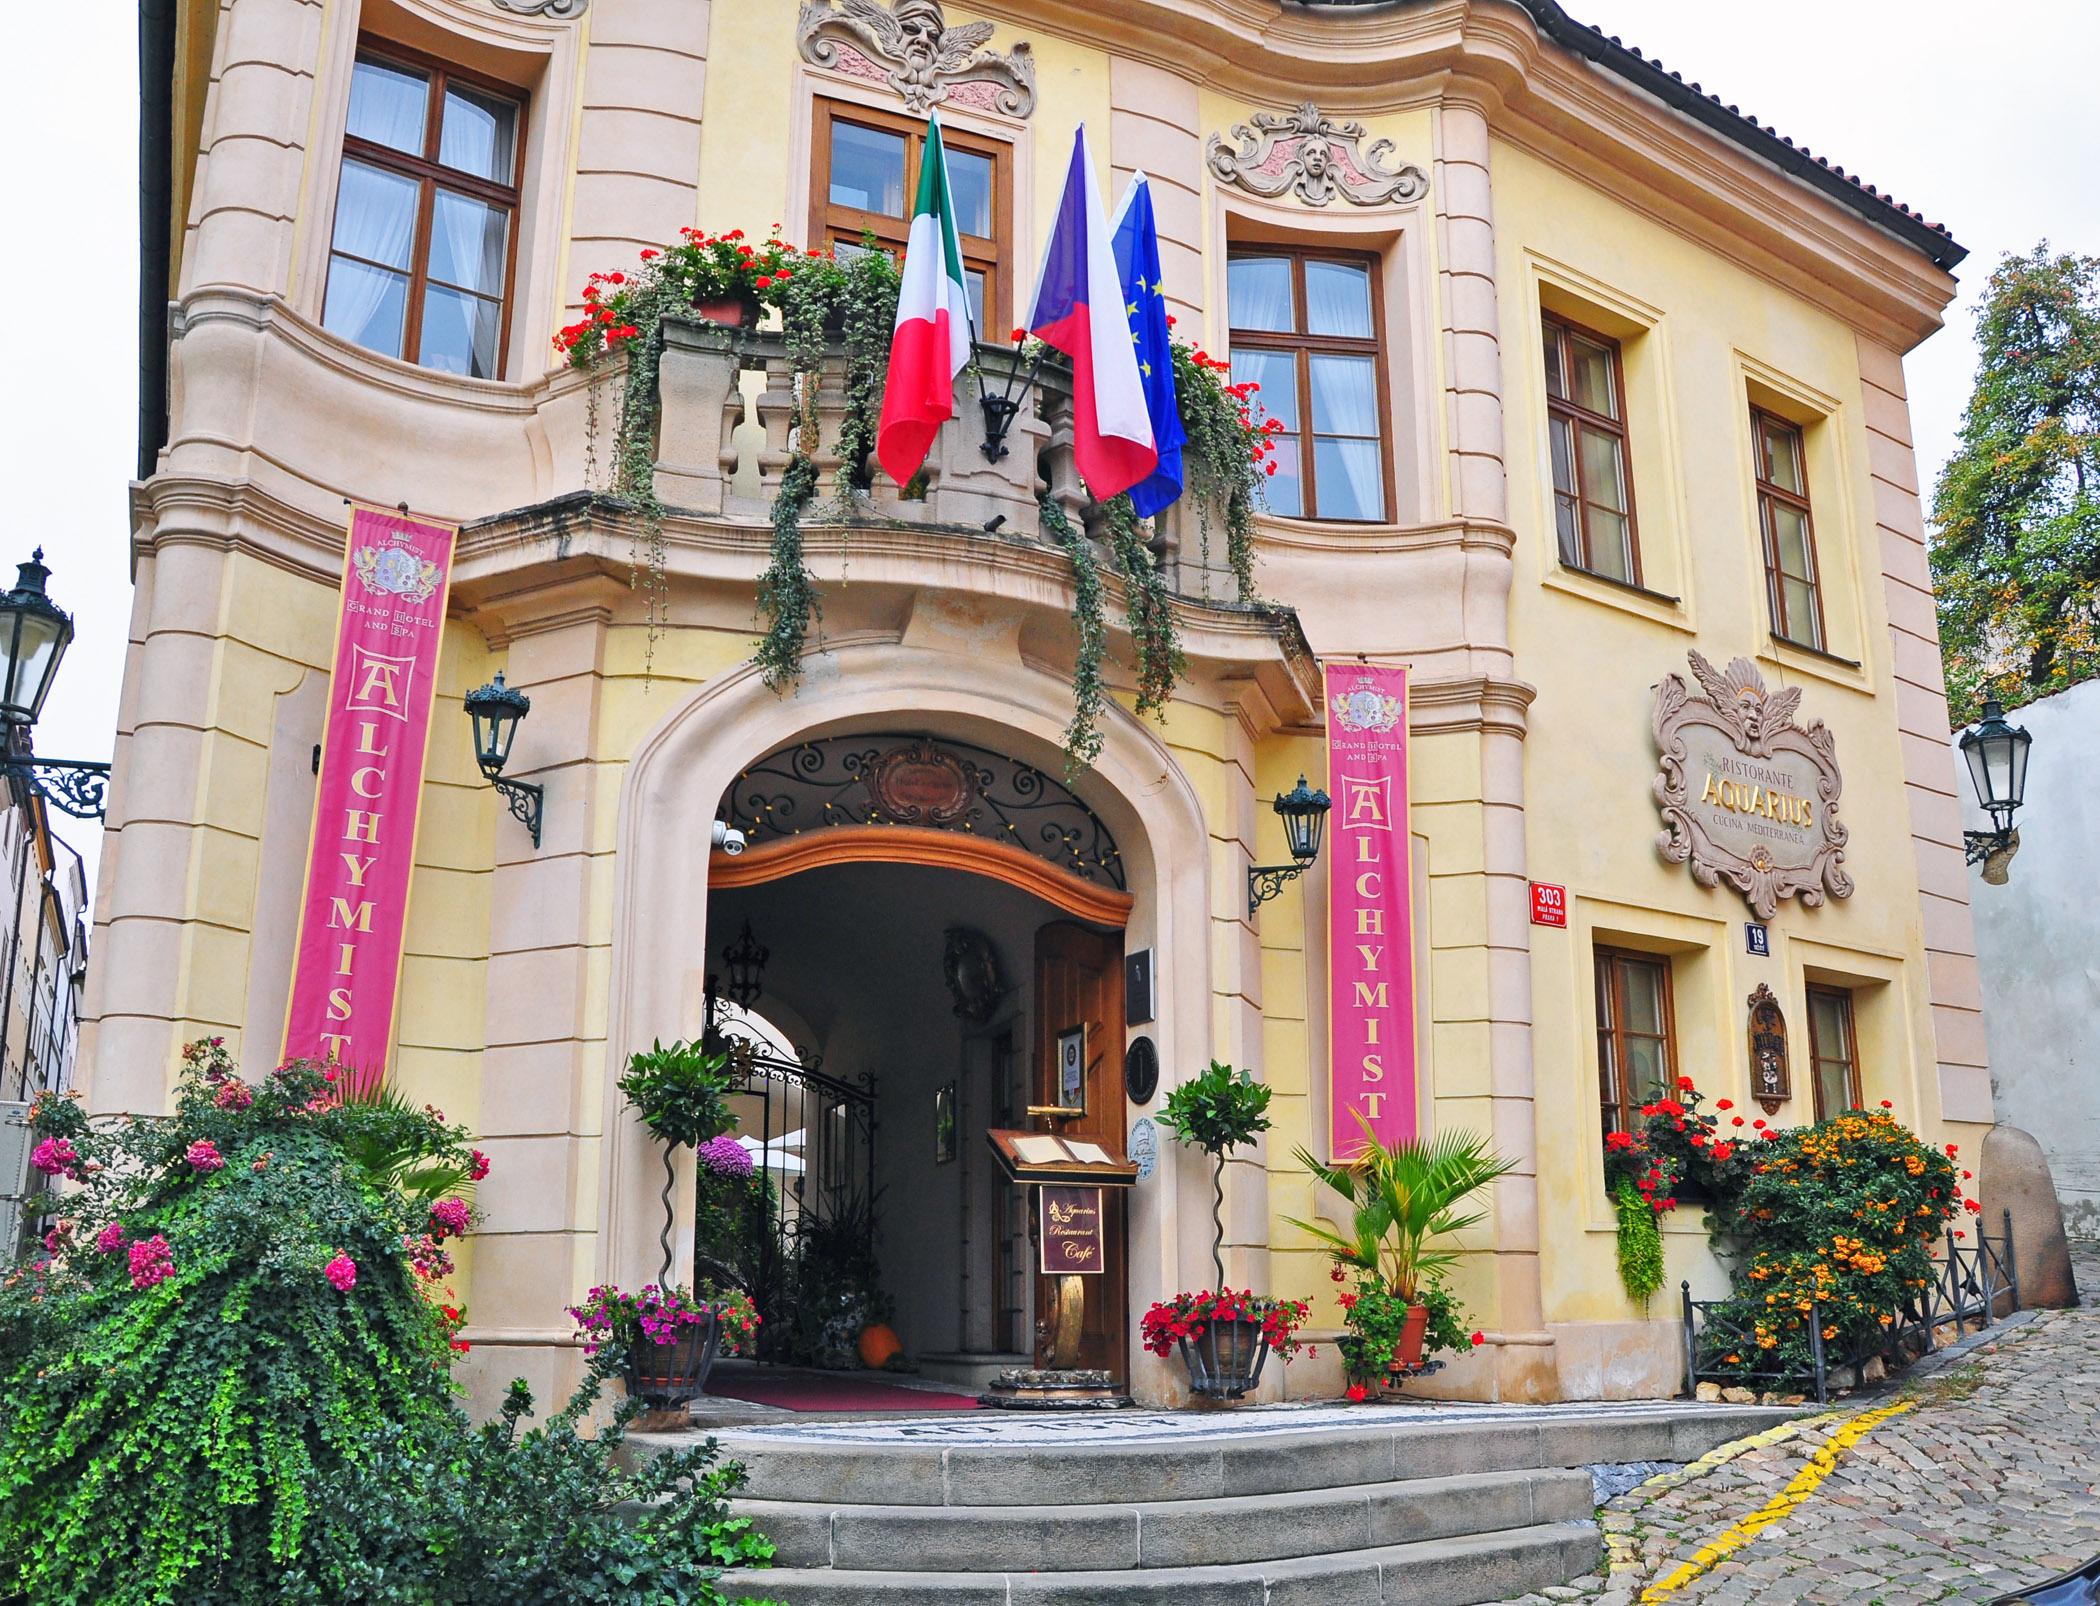 5. Alchymist Hotel